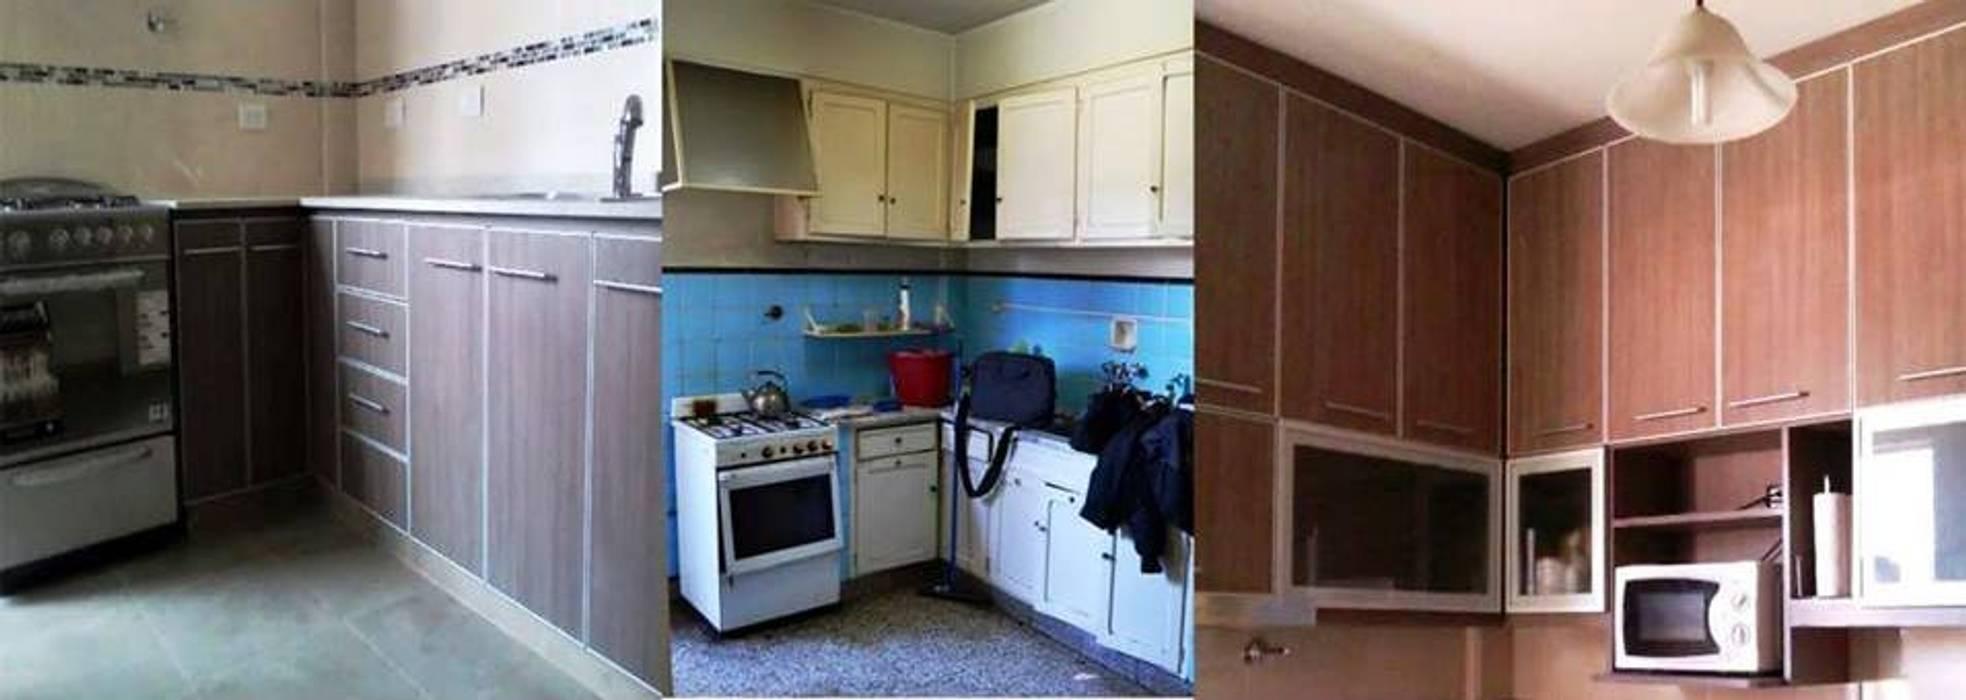 Remodelación cocina II: Cocinas de estilo  por AyC Arquitectura